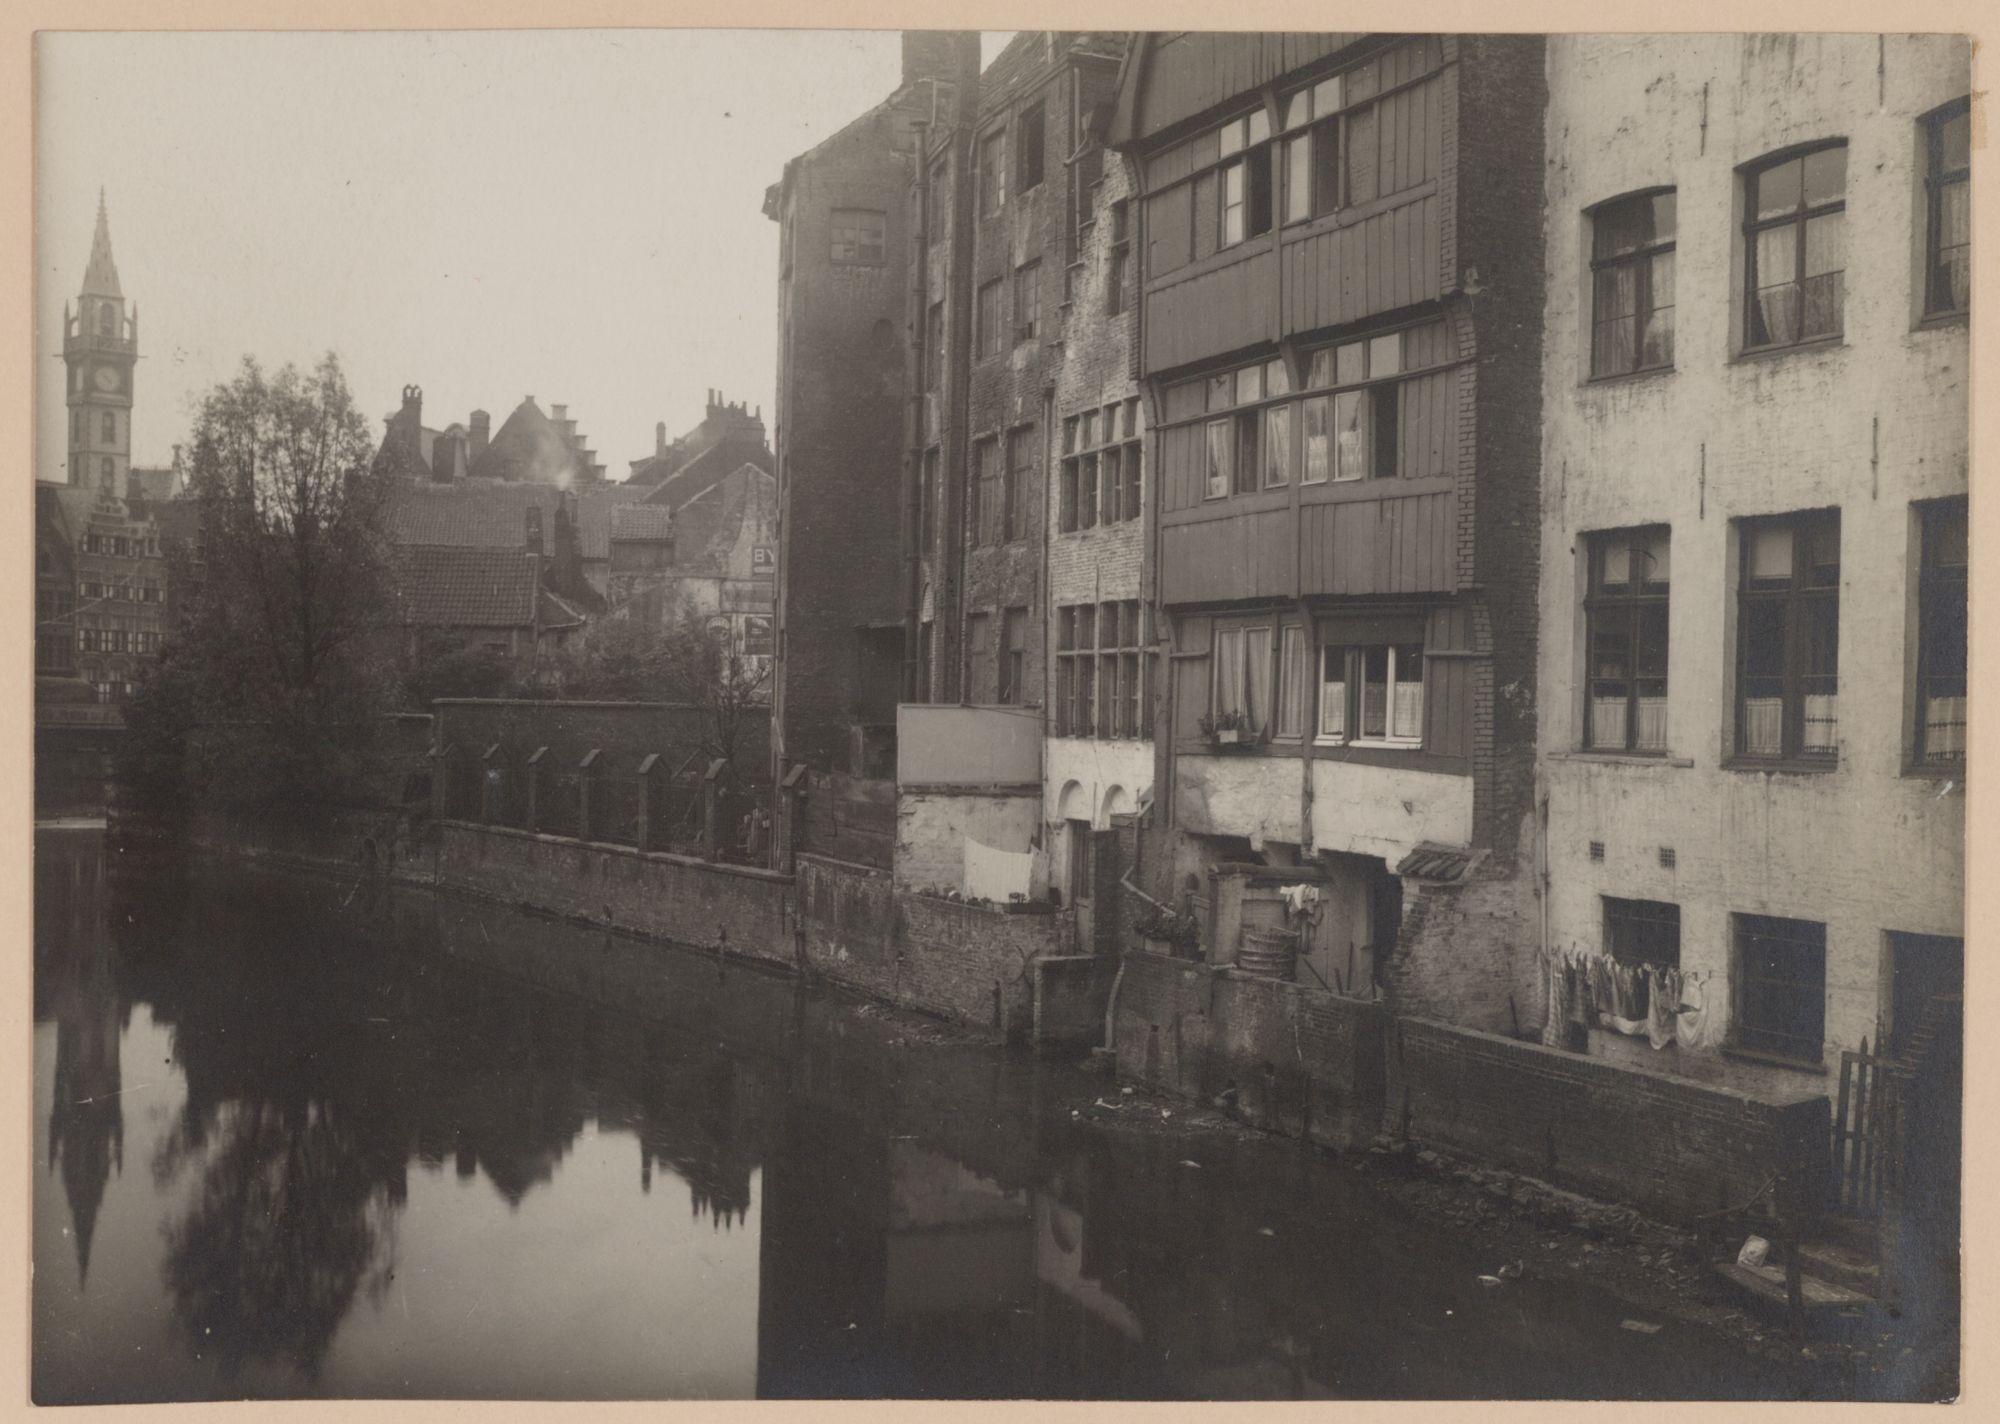 Gent: De Lieve en de achtergevels van de Jan Breydelstraat